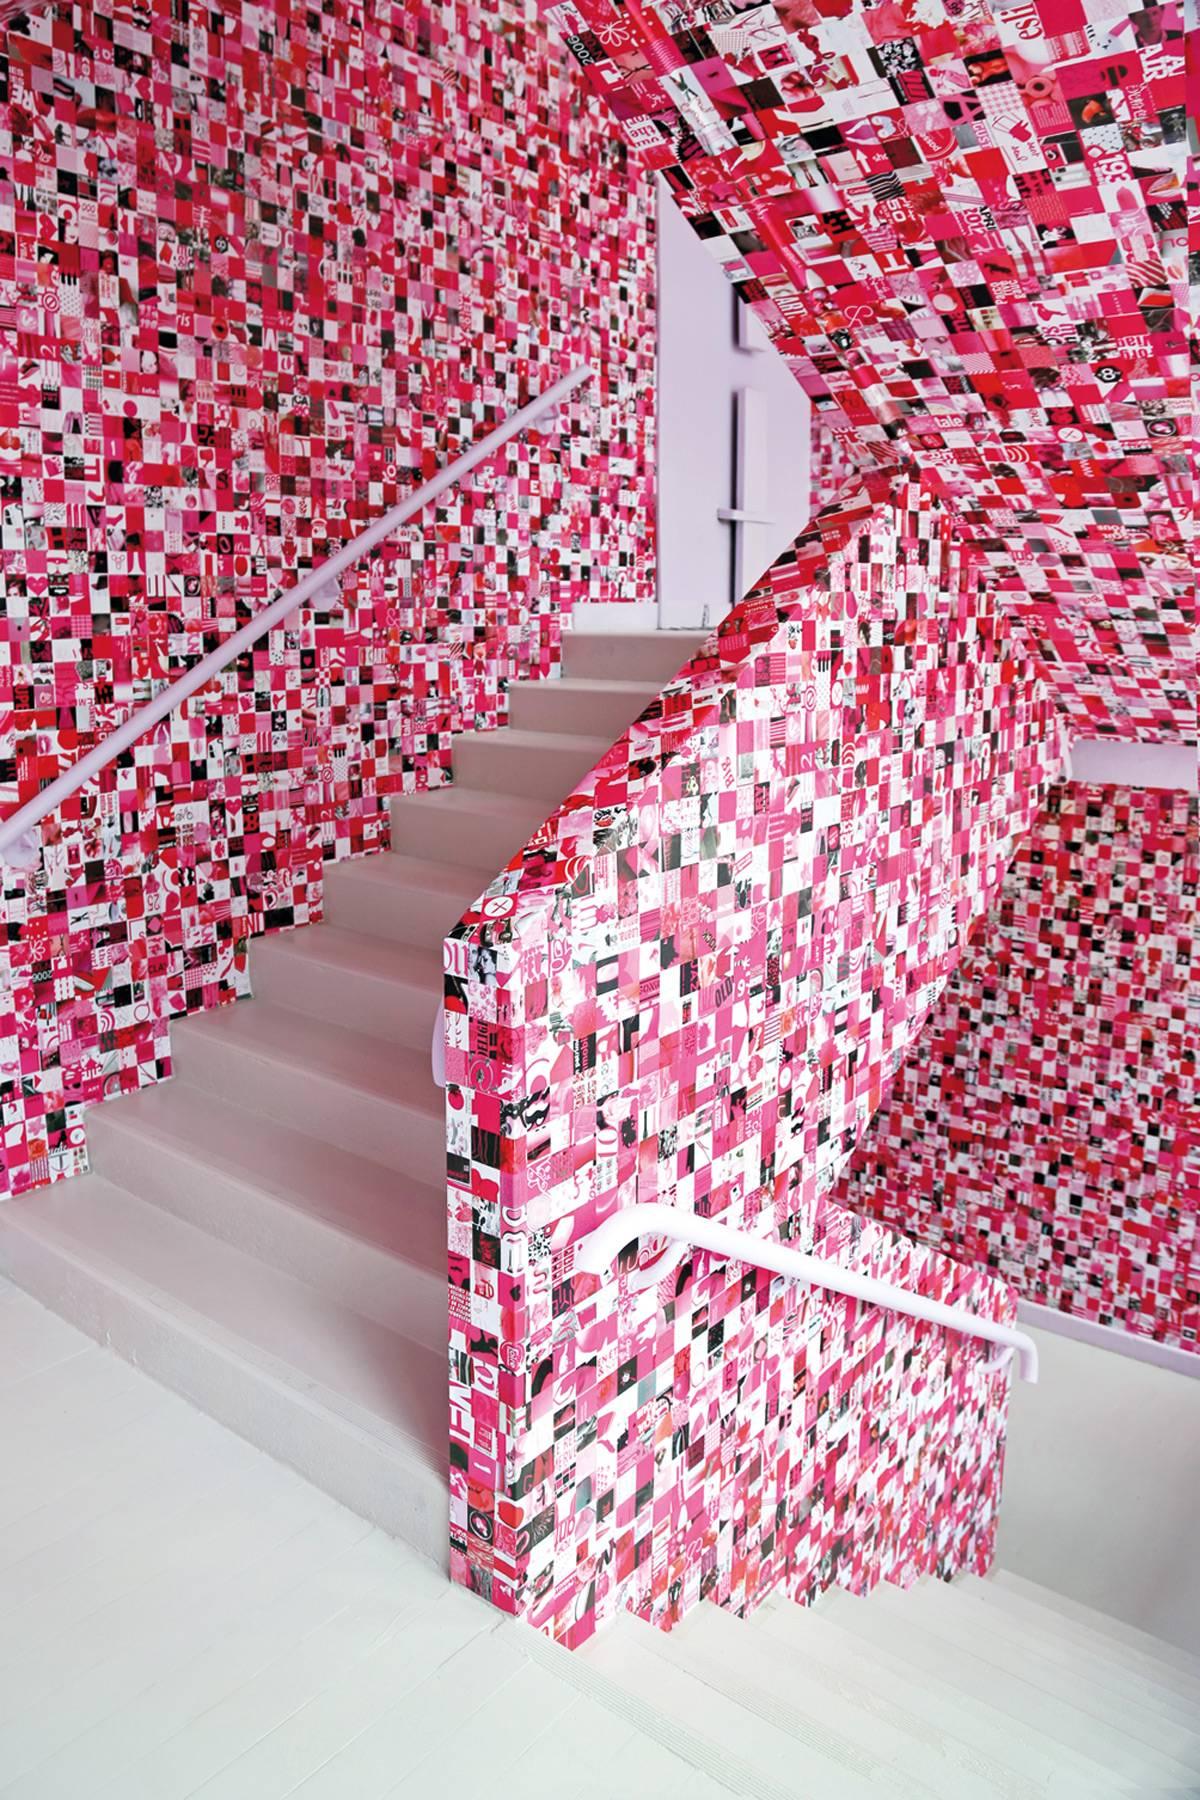 « Tapisserie rose, blanc et noir » de Guy Limone, couvre l'escalier de l'exposition au Tripostal.